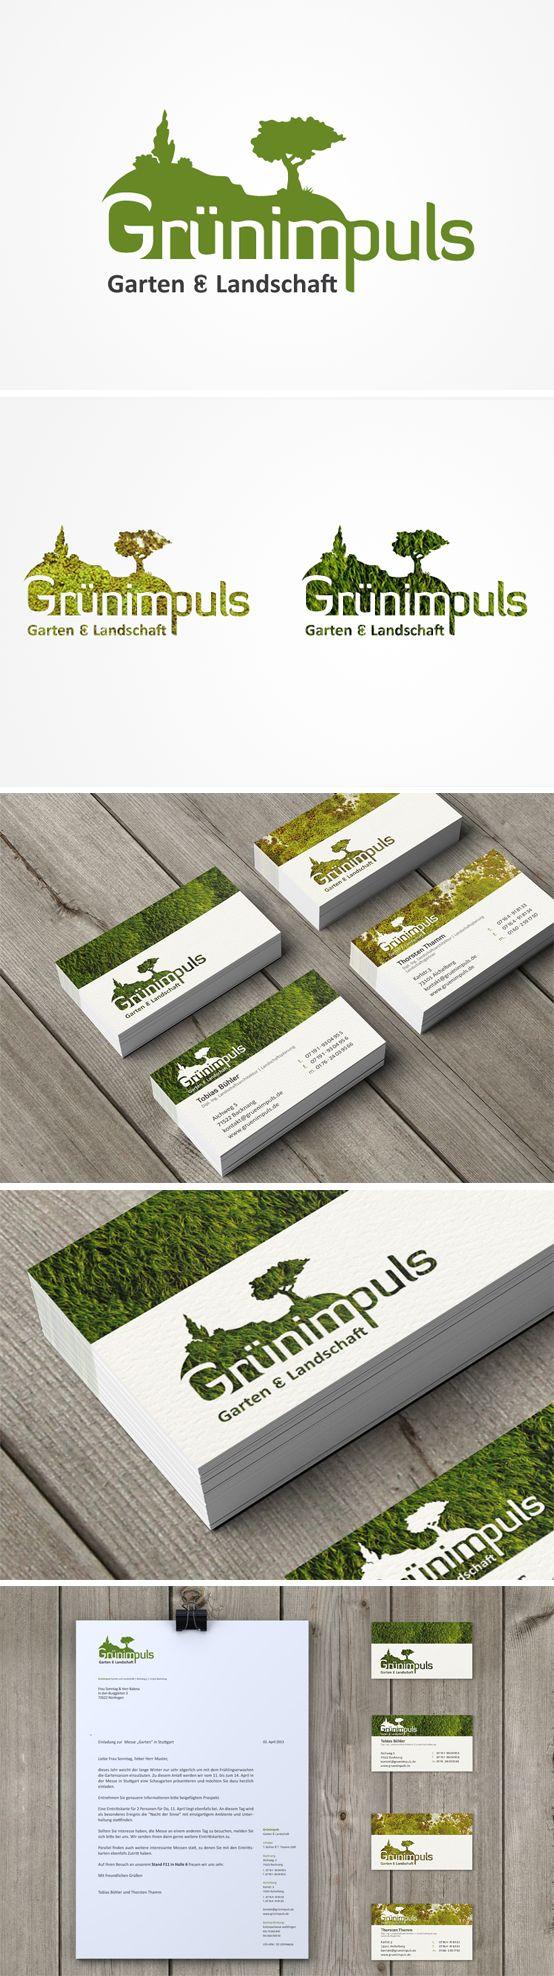 Für Grünimpuls Garten & Landschaft entwickelte Smoco das Corporate Design…